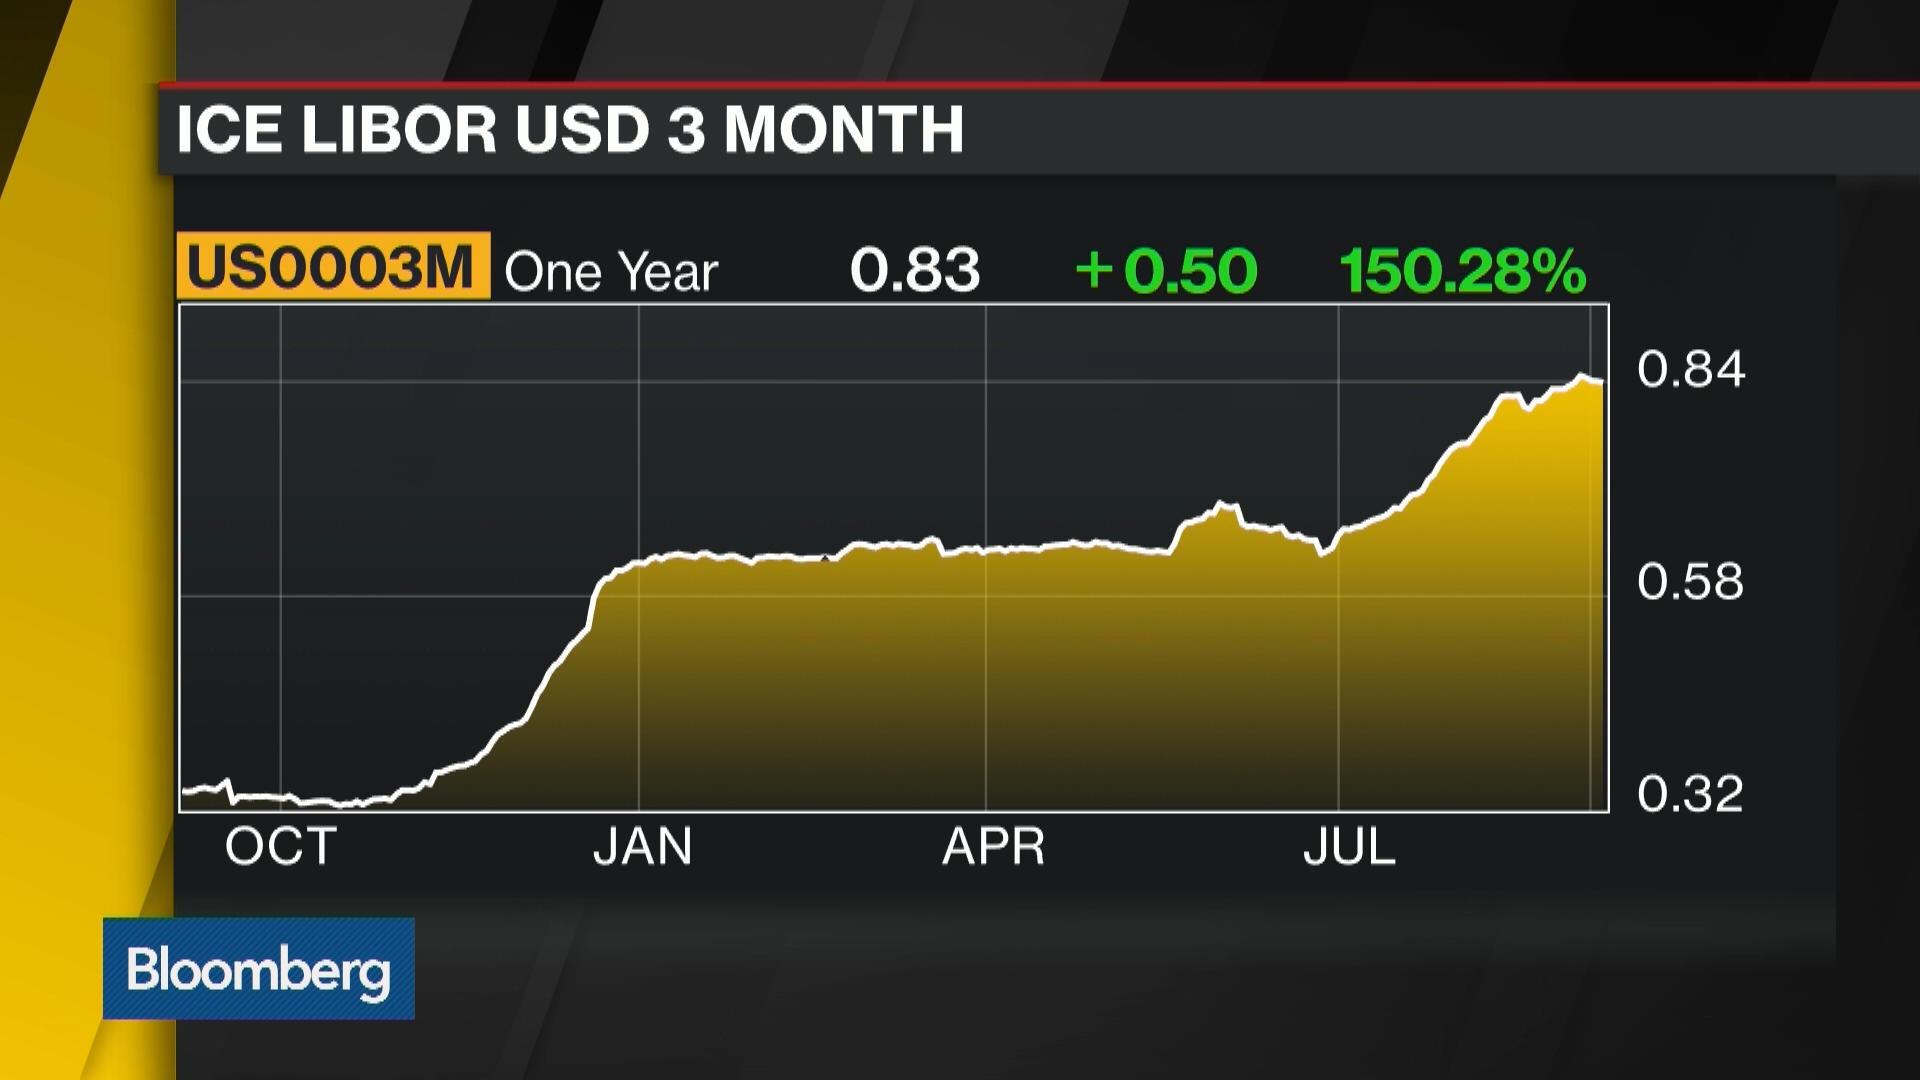 Dollar Libor Adds Pressure to Yuan - Bloomberg